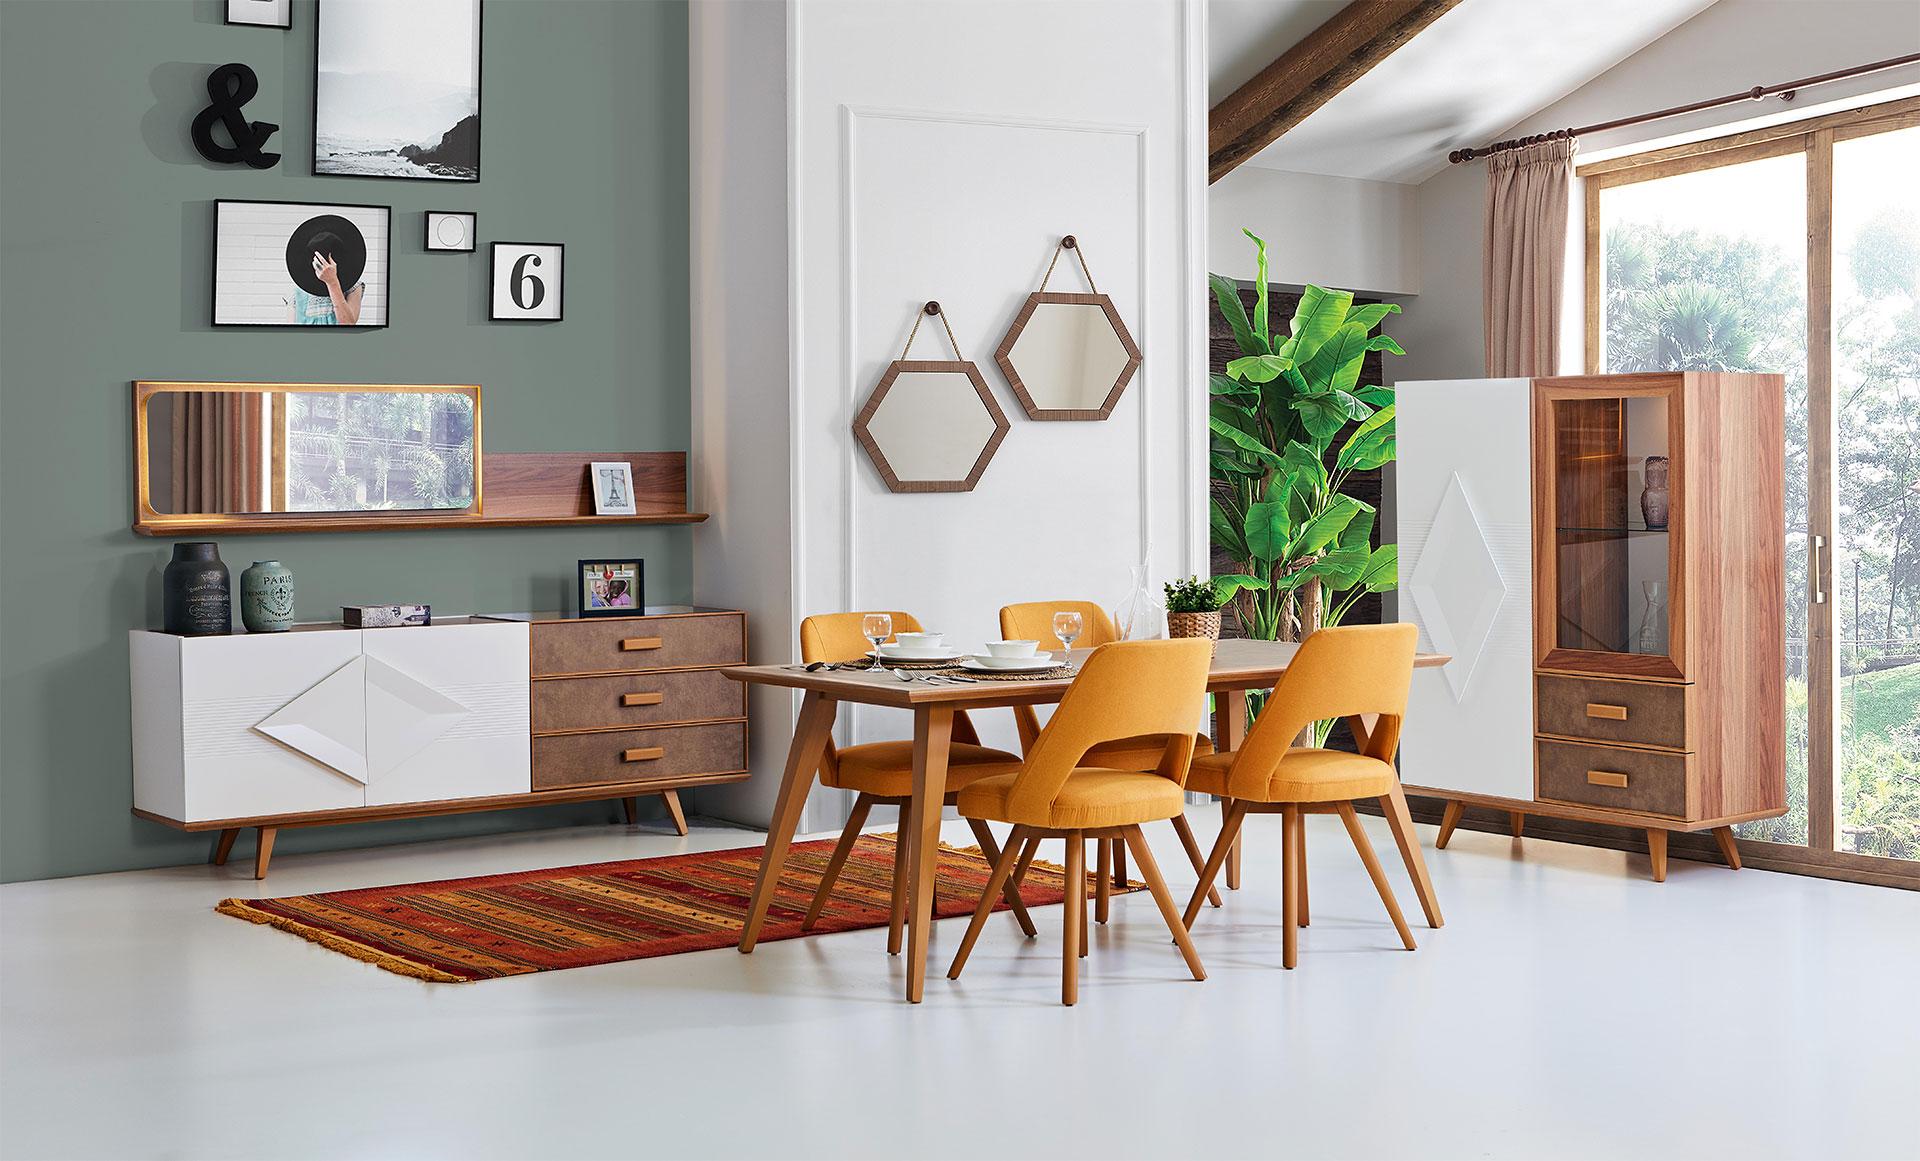 Aura yemek odas tak m hevin mobilya for Mobilya caserta